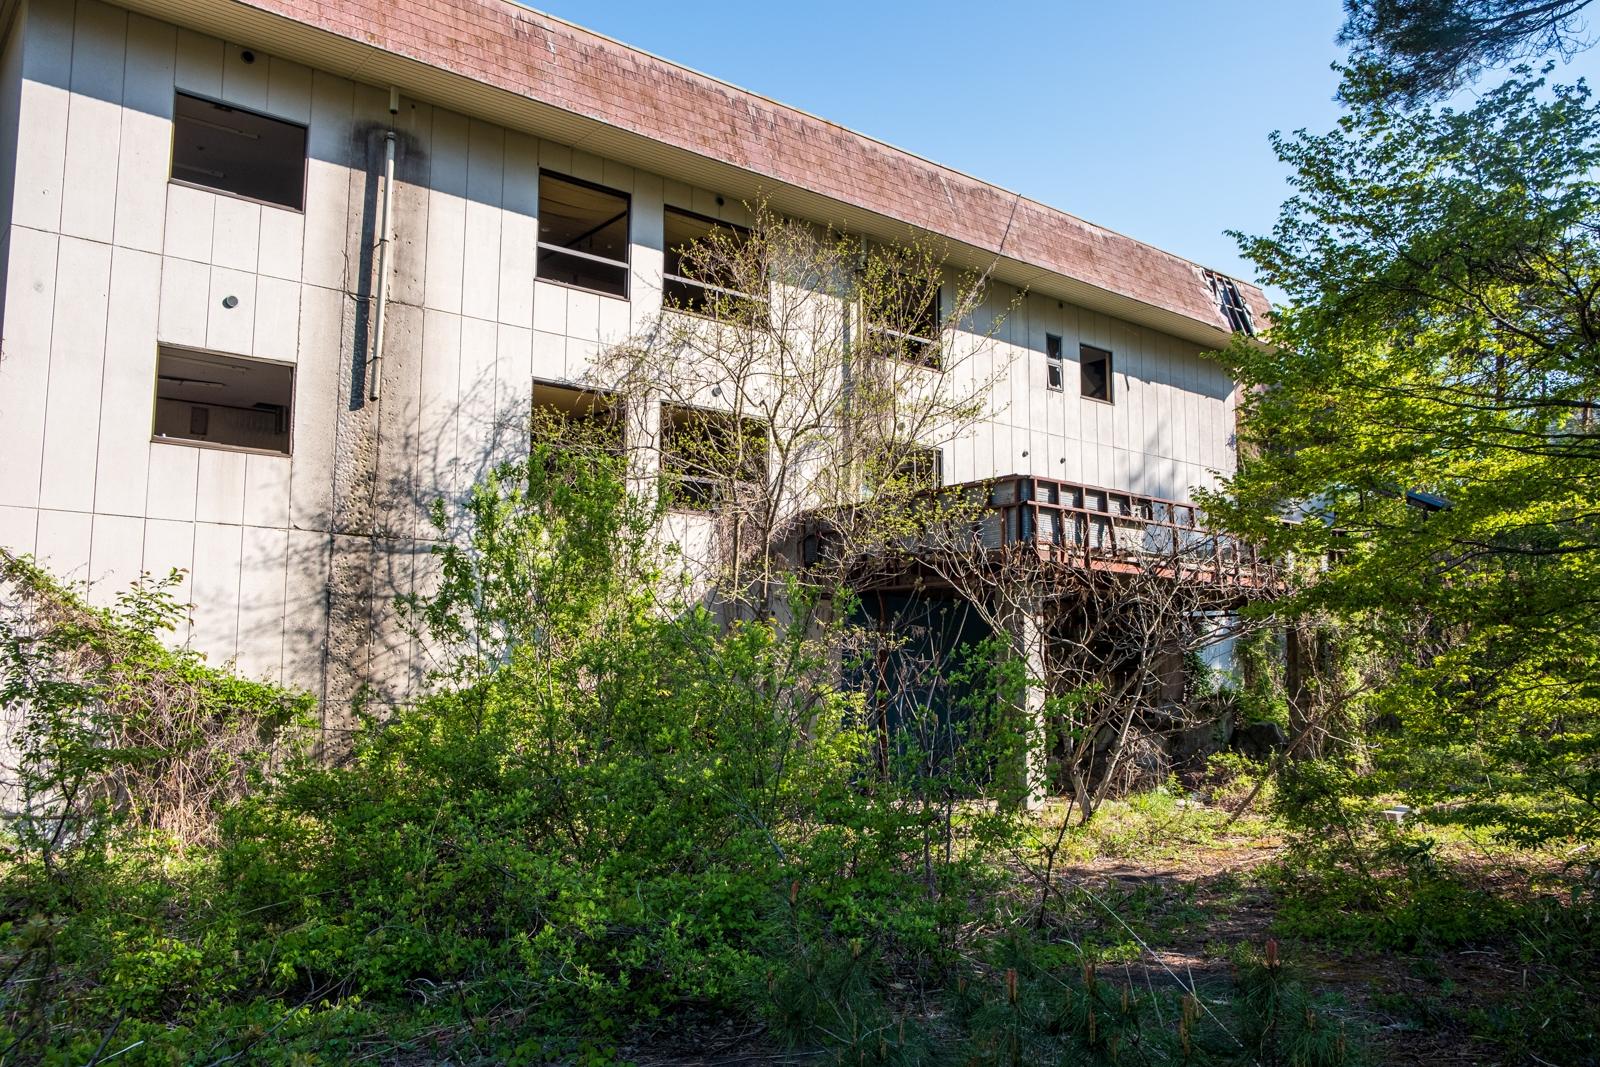 探索 地図 廃墟 裏・鬼怒川温泉の旅 廃墟ホテル群